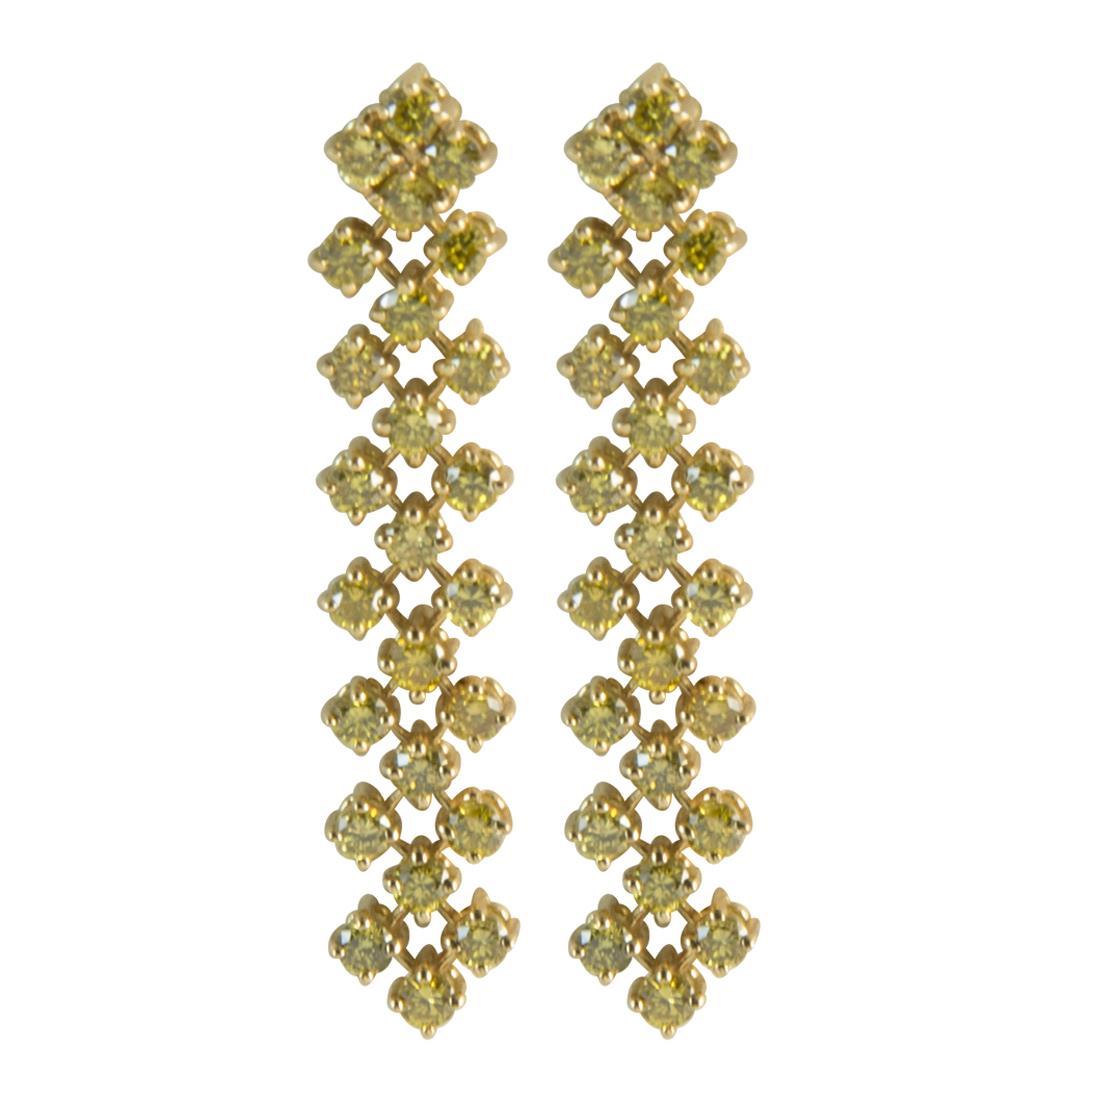 Orecchini  in oro giallo 3 file con diamanti gialli ct 1.35 misura 6.00cm - ALFIERI ST JOHN